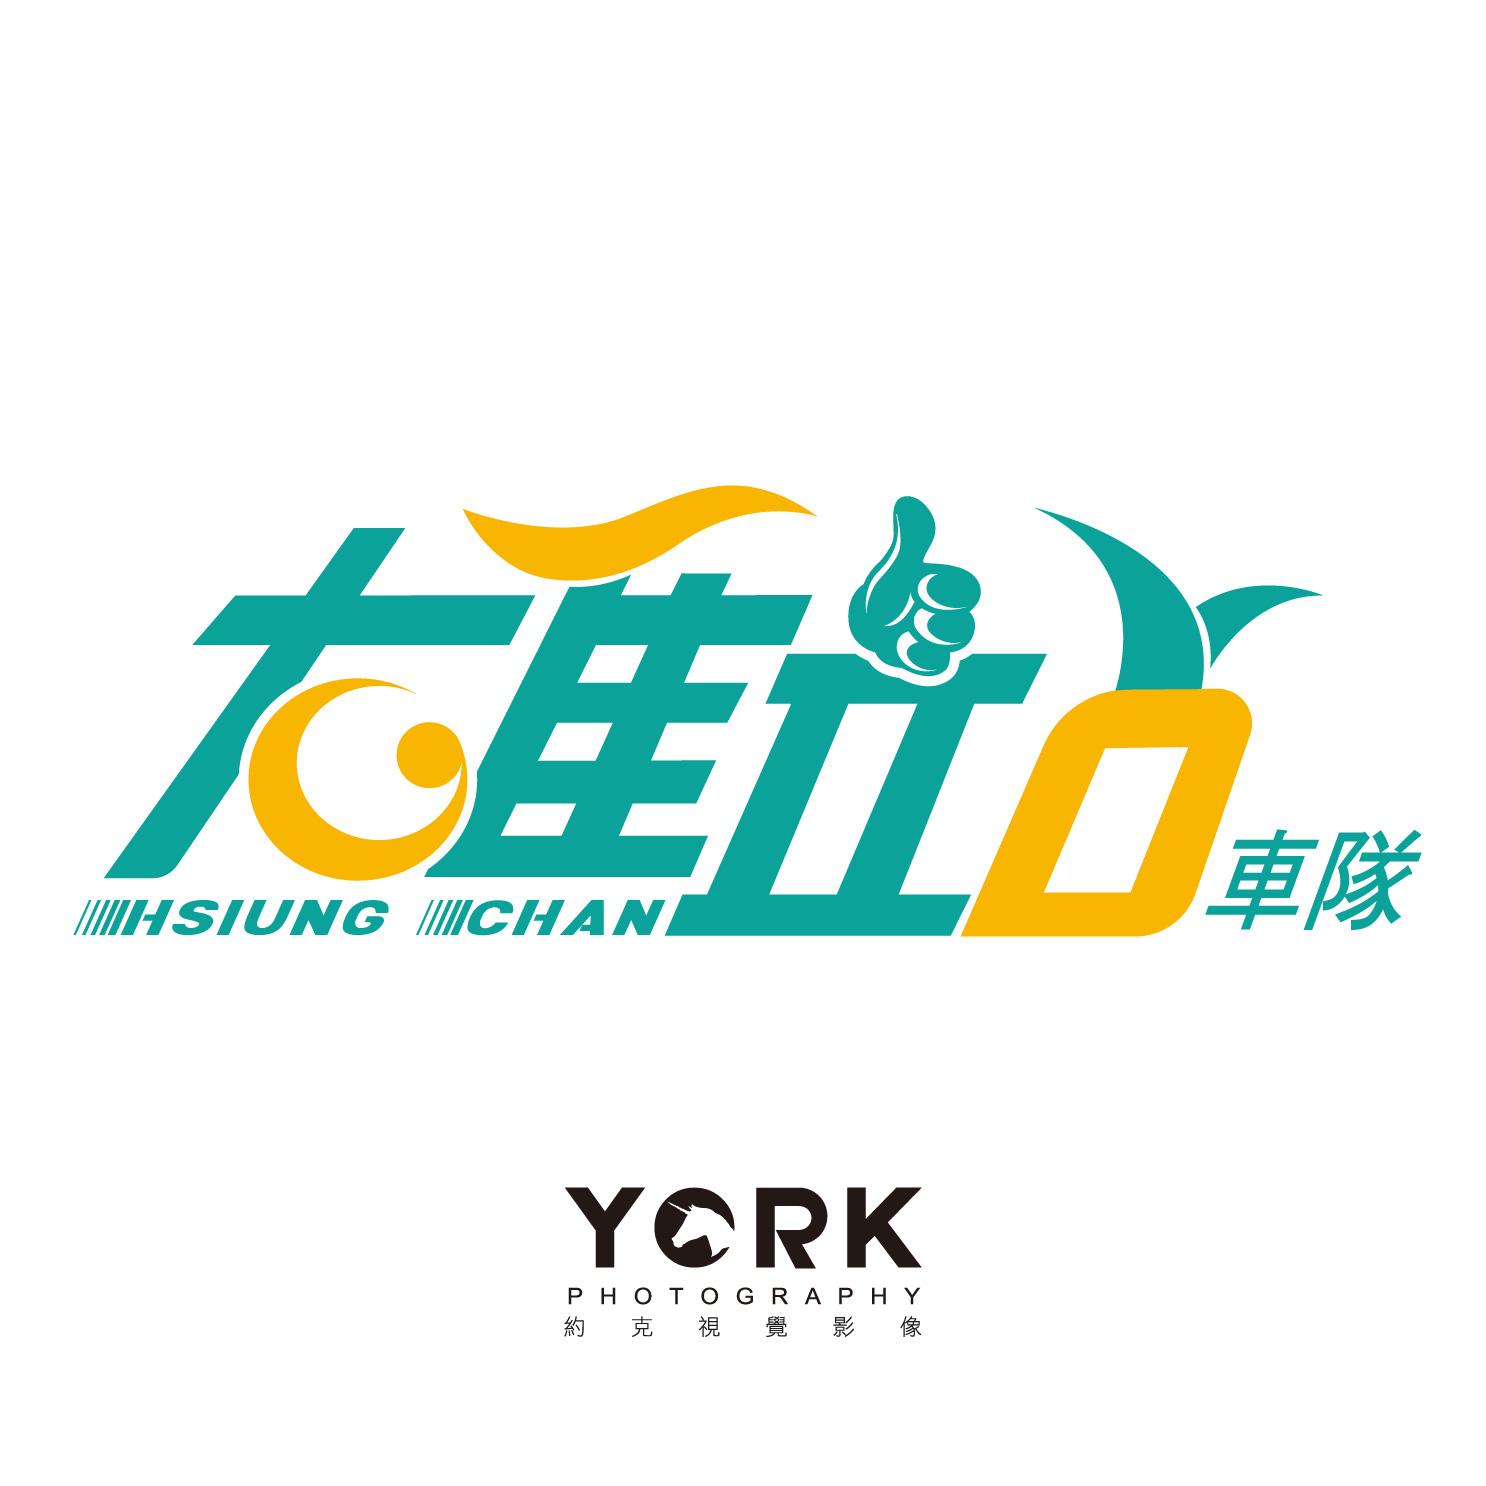 【约克设计空间】雄站车队logo|平面|品牌|yorkphoto图片